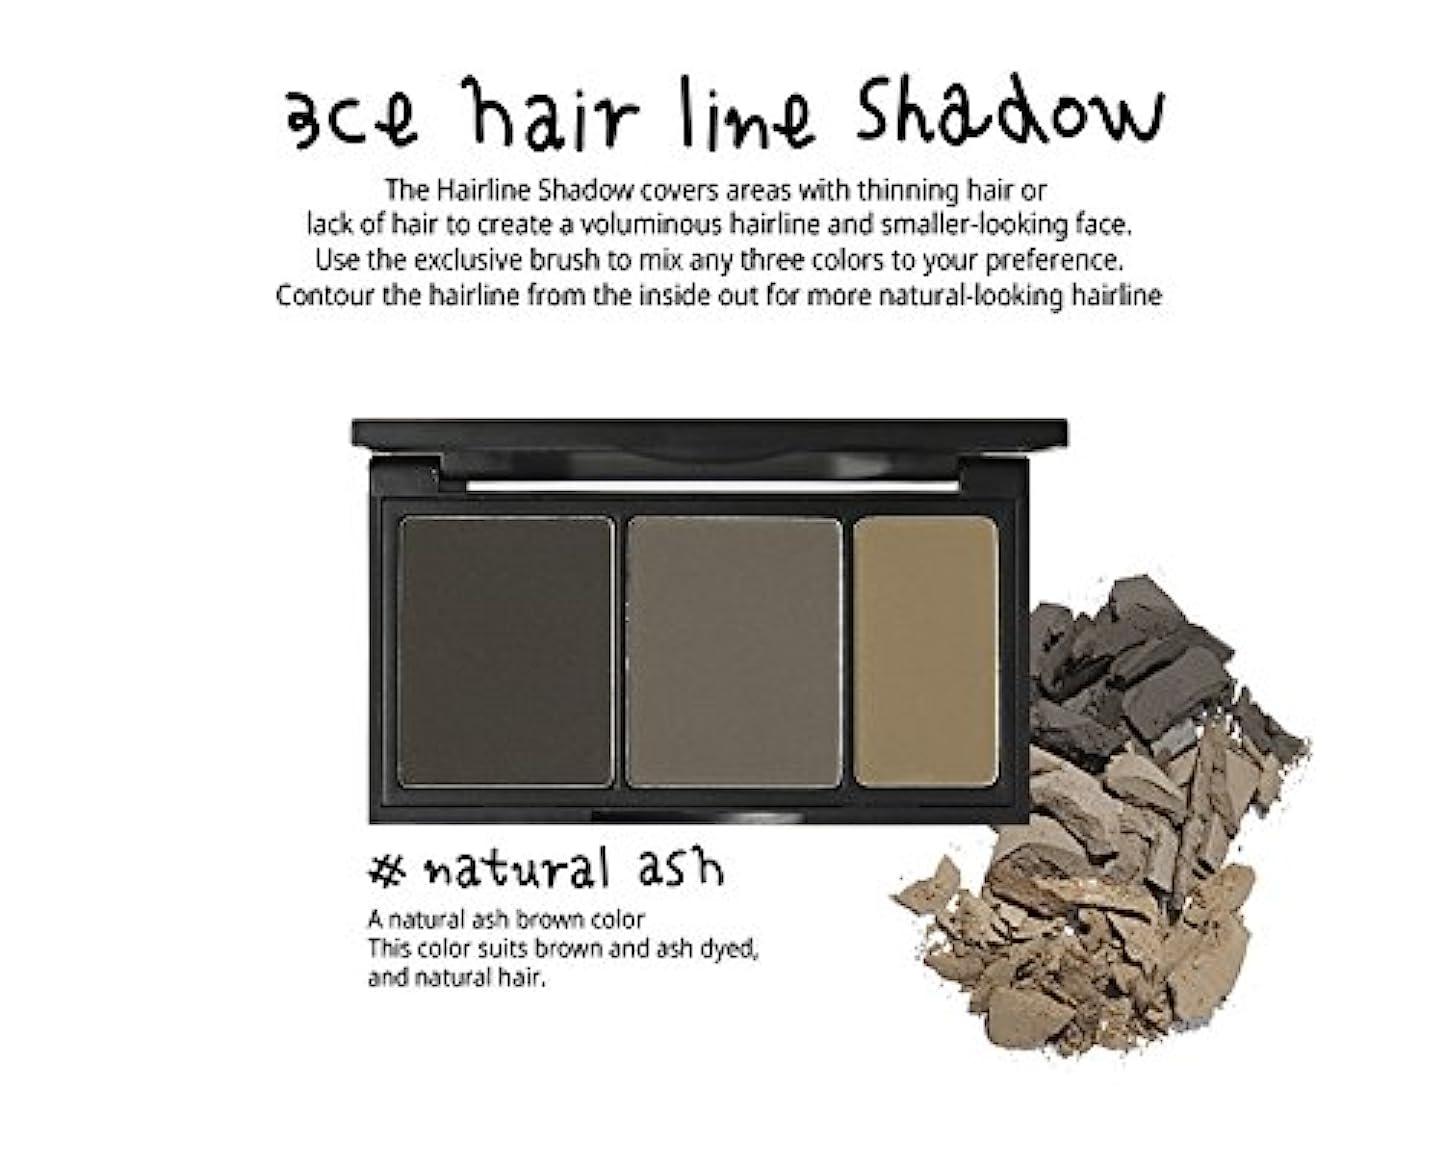 胸浴室ソーシャル3 Concept Eyes 3CE Hair Line Shadow ヘアラインシャドー(Natural Ash)